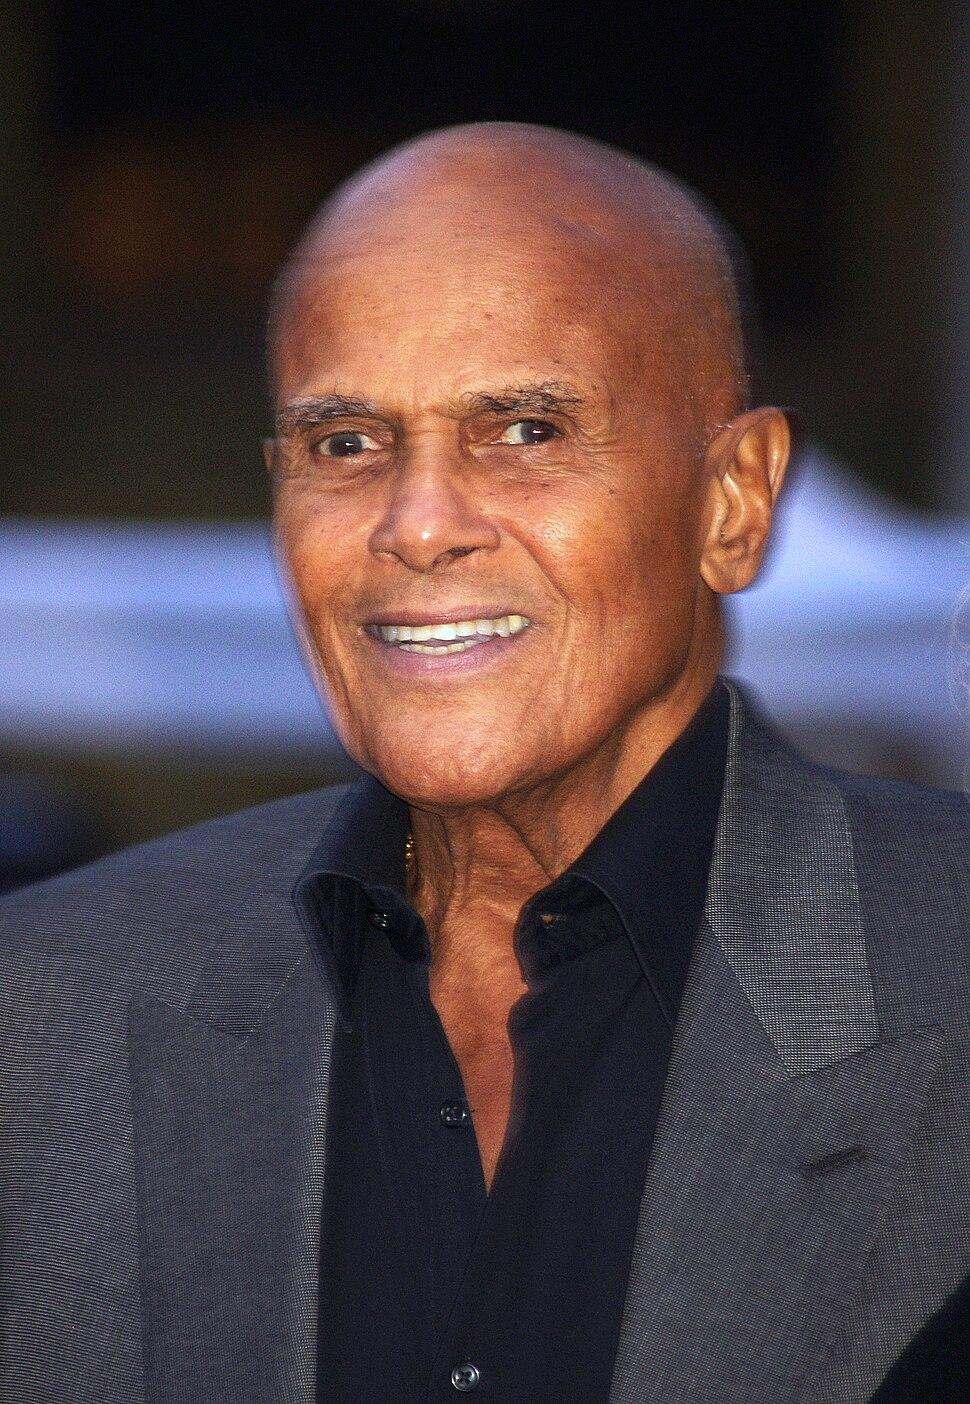 Harry Belafonte 2011 Shankbone